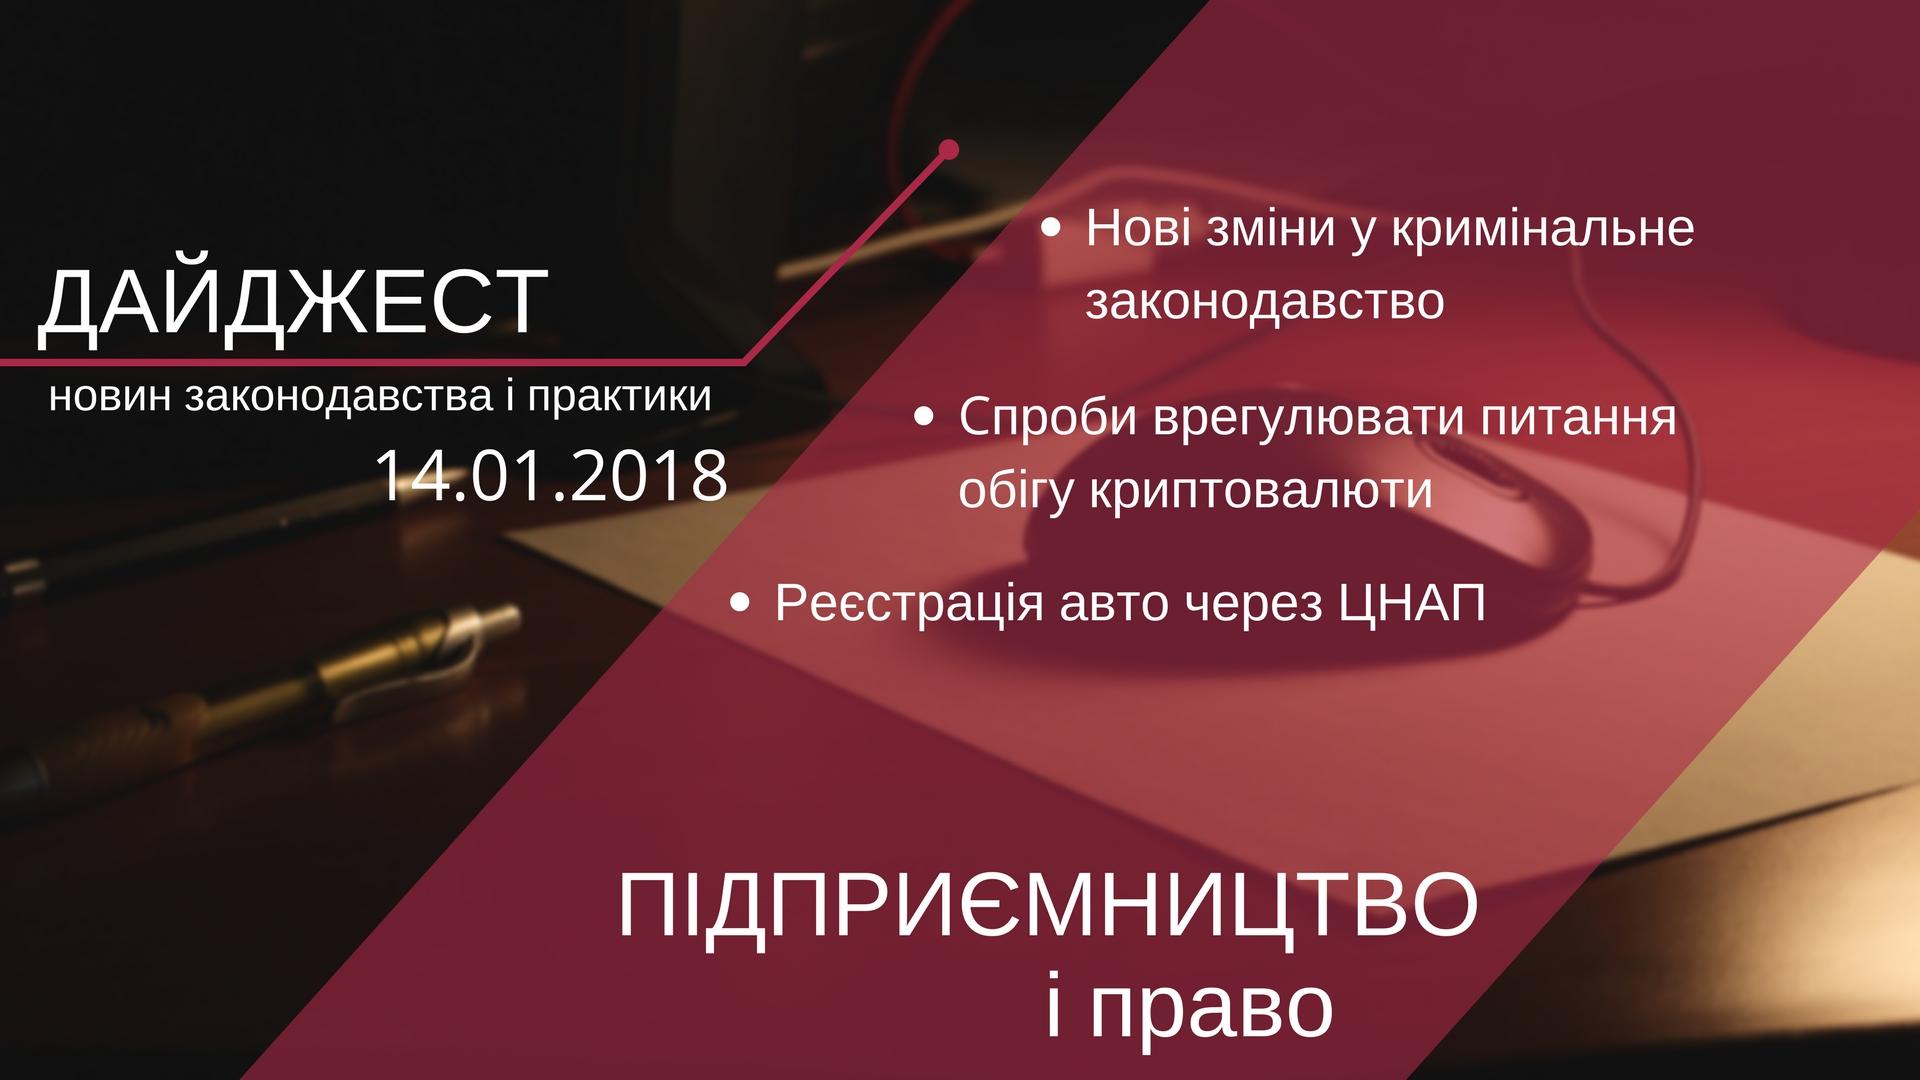 Дайджест нoвин «Підприємництво і право» з 09.01.2018 пo 14.01.2018